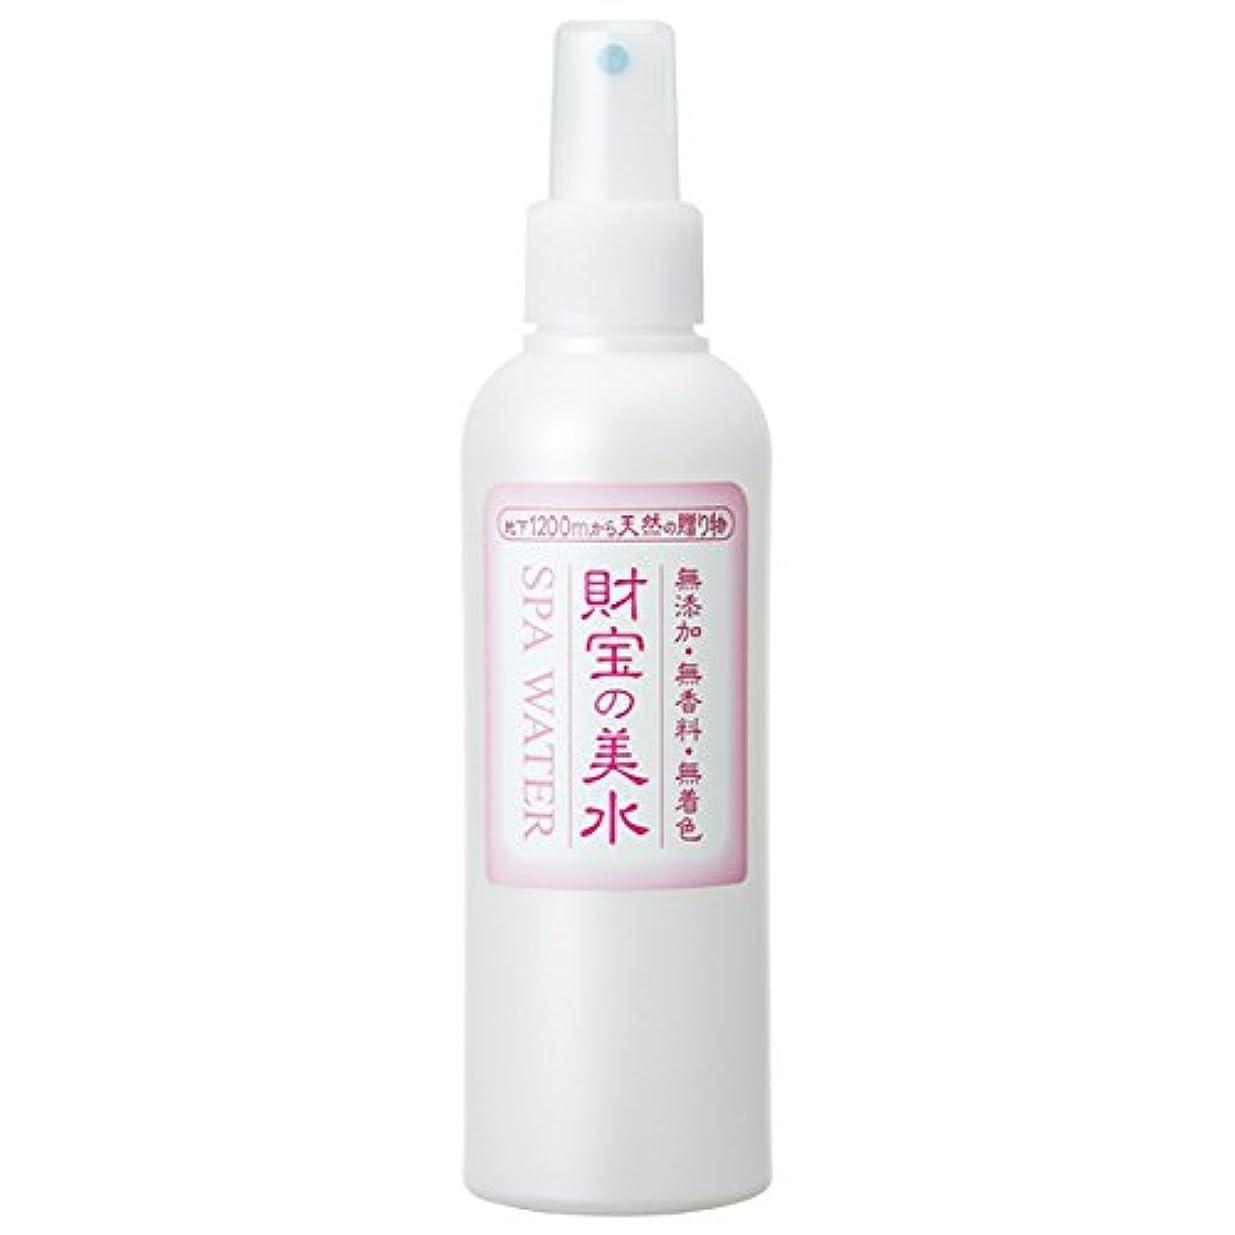 ハロウィン砂鷹財宝 温泉 美水 ミスト 化粧水 200ml